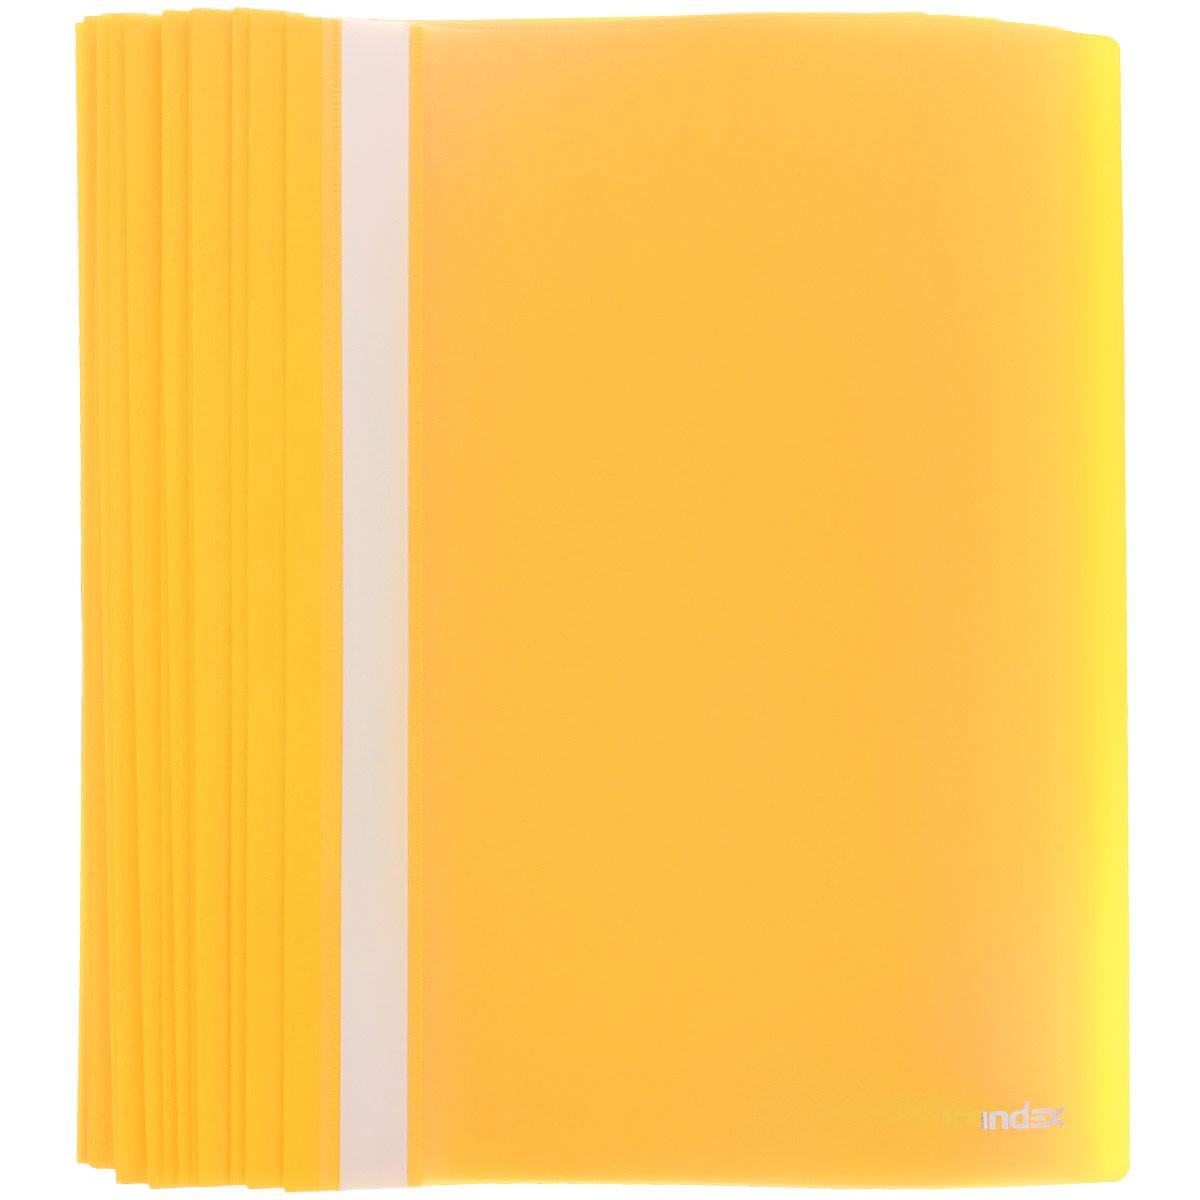 Папка-скоросшиватель Index, цвет: желтый. Формат А4, 20 штI200/YПапка-скоросшиватель Index, изготовленная из высококачественного полипропилена, это удобный и практичный офисный инструмент, предназначенный для хранения и транспортировки рабочих бумаг и документов формата А4. Папка оснащена верхним прозрачным матовым листом и металлическим зажимом внутри для надежного удержания бумаг. В наборе - 20 папок. Папка-скоросшиватель - это незаменимый атрибут для студента, школьника, офисного работника. Такая папка надежно сохранит ваши документы и сбережет их от повреждений, пыли и влаги. Комплектация: 20 шт.